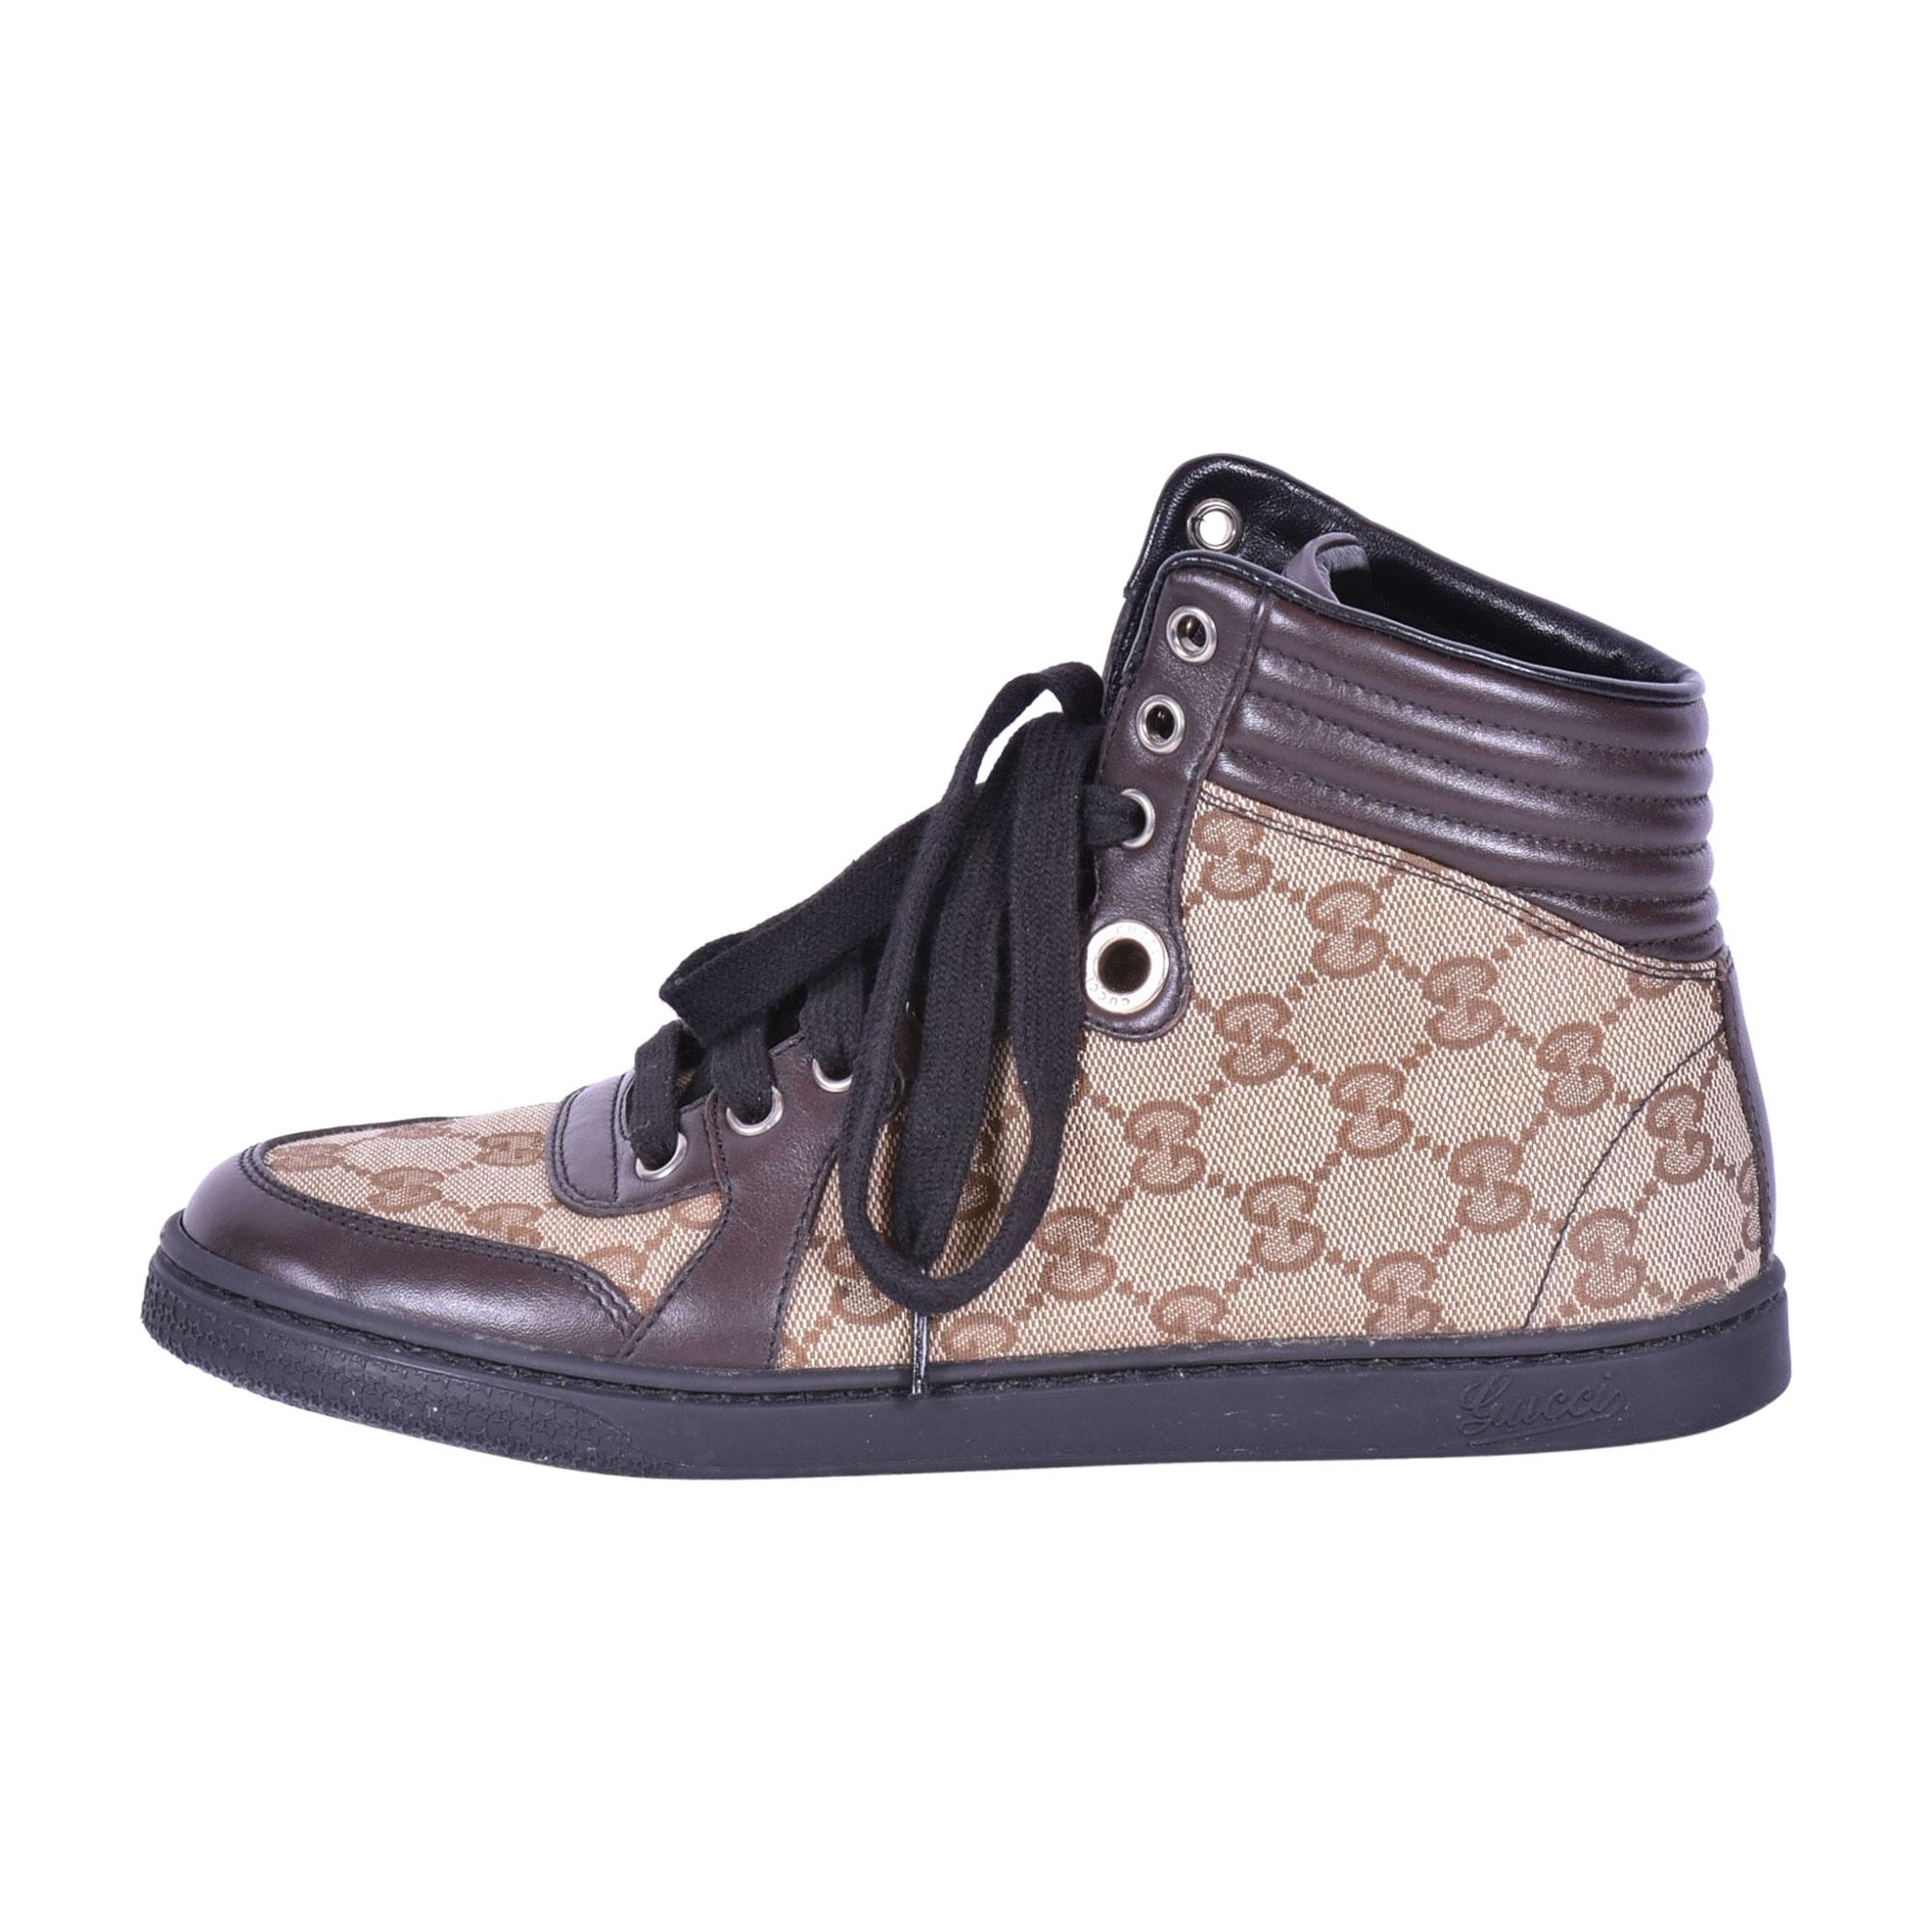 Sneakers GUCCI Brown/ beige